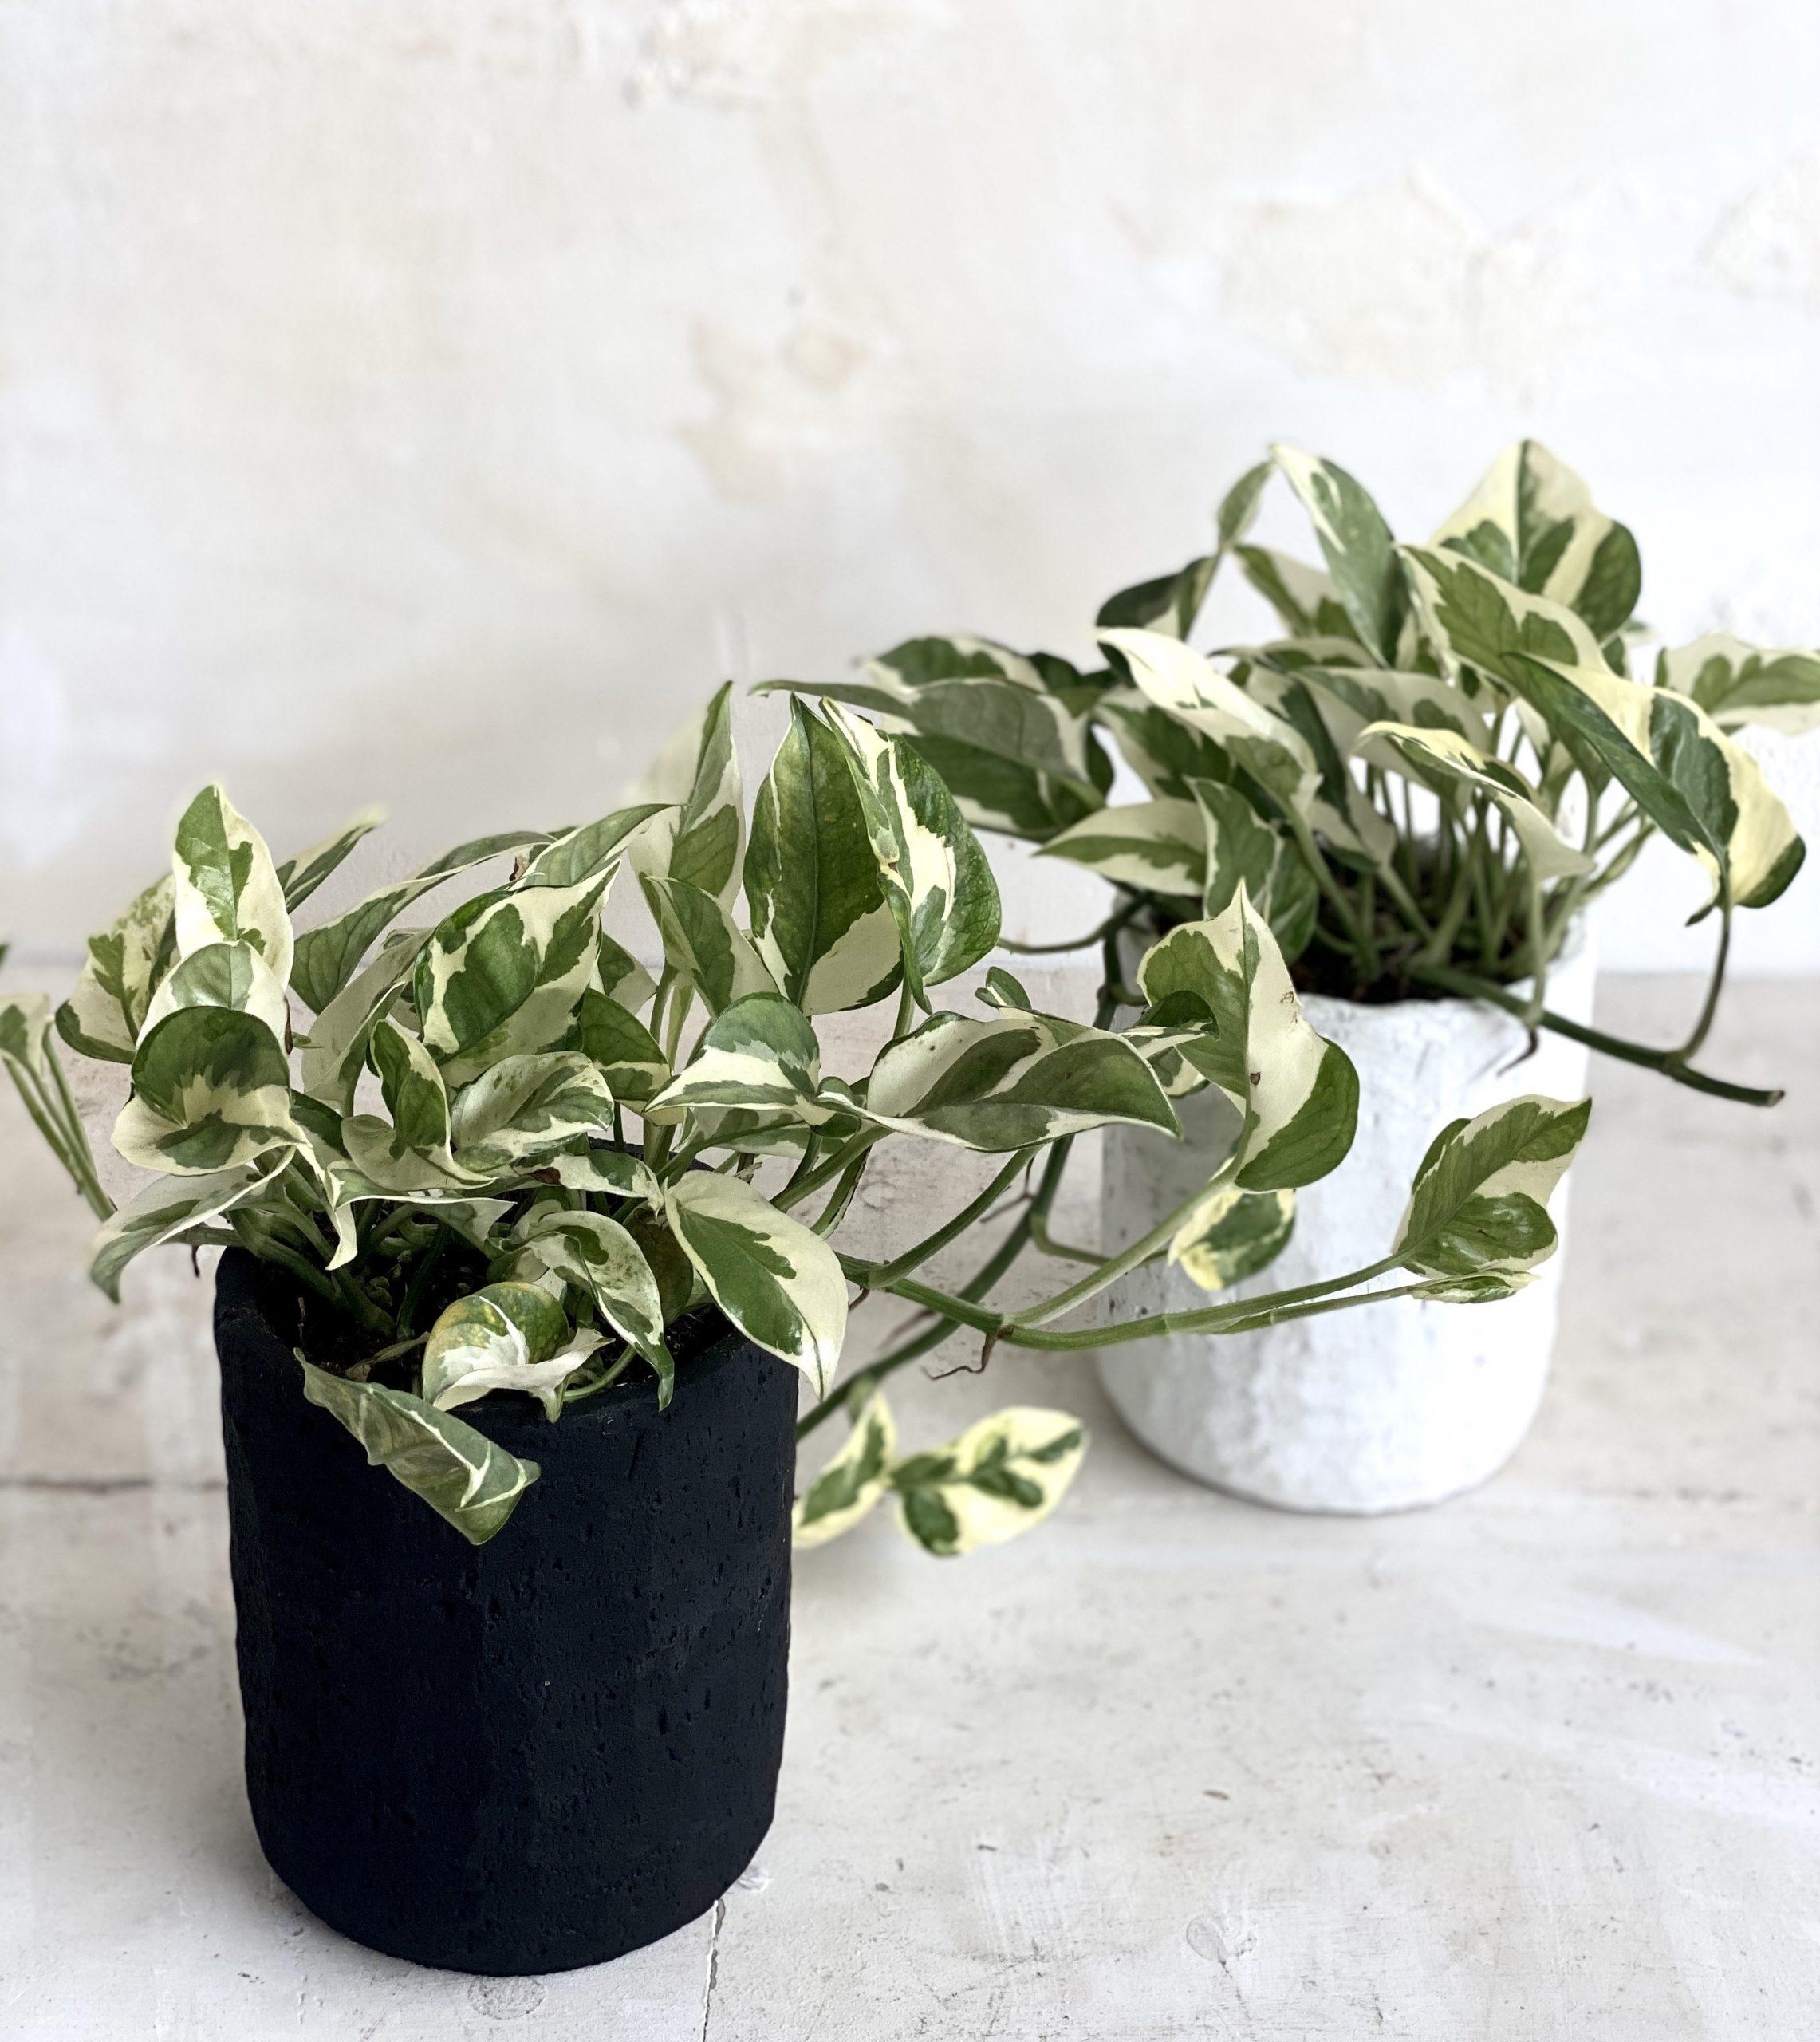 צמח עמיד במיוחד פוטוס לבן למראה ייחודי ועשיר